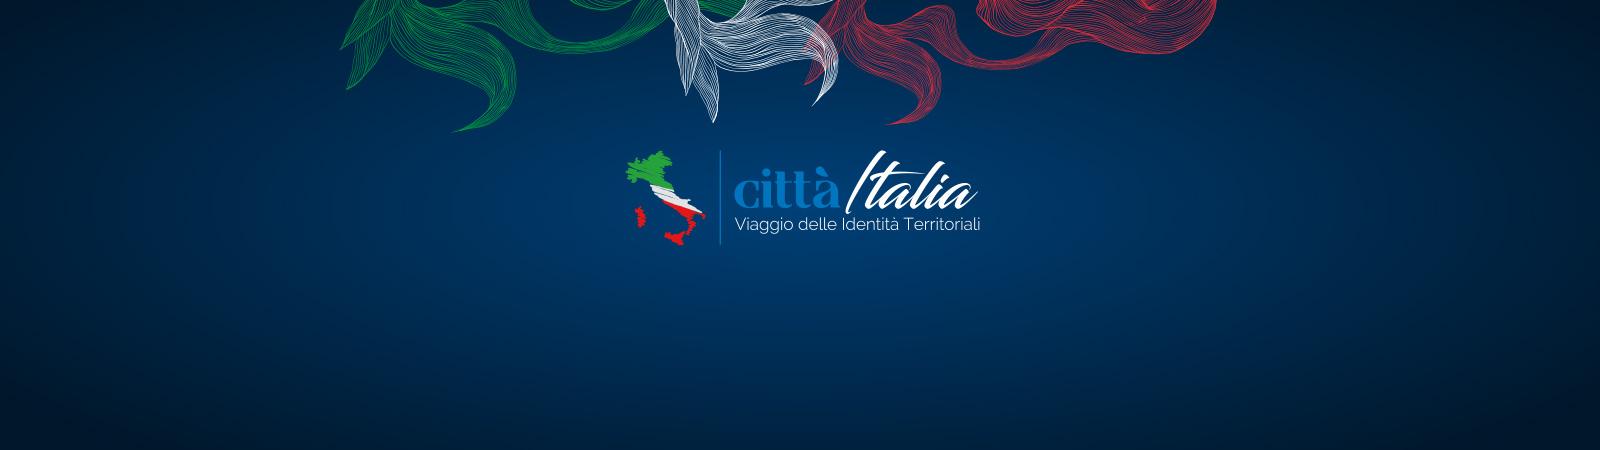 web-citta-italia